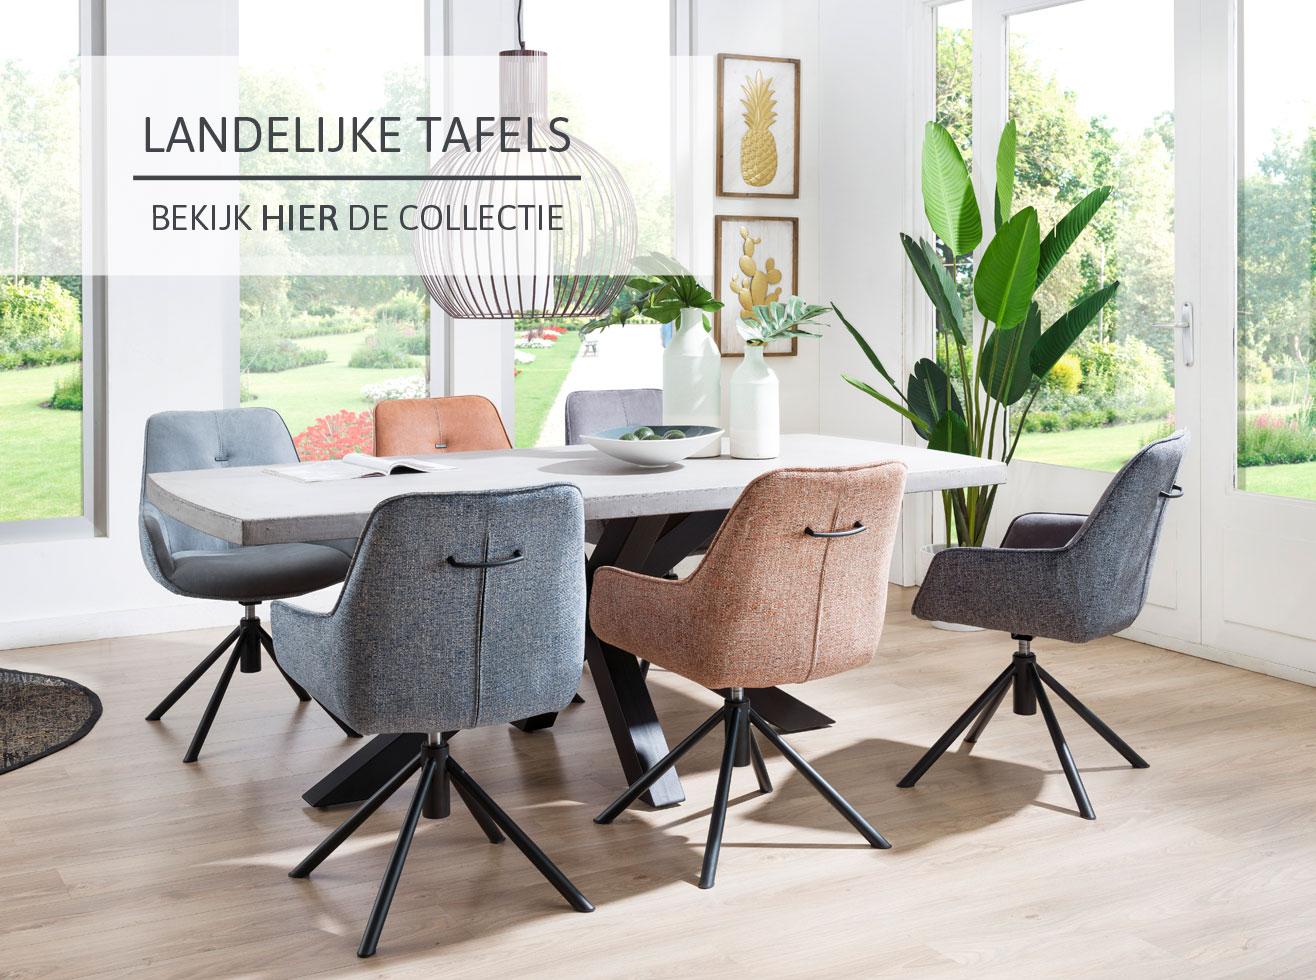 Landelijk Romantisch Interieur : Landelijk interieur landelijke collectie meubels home center